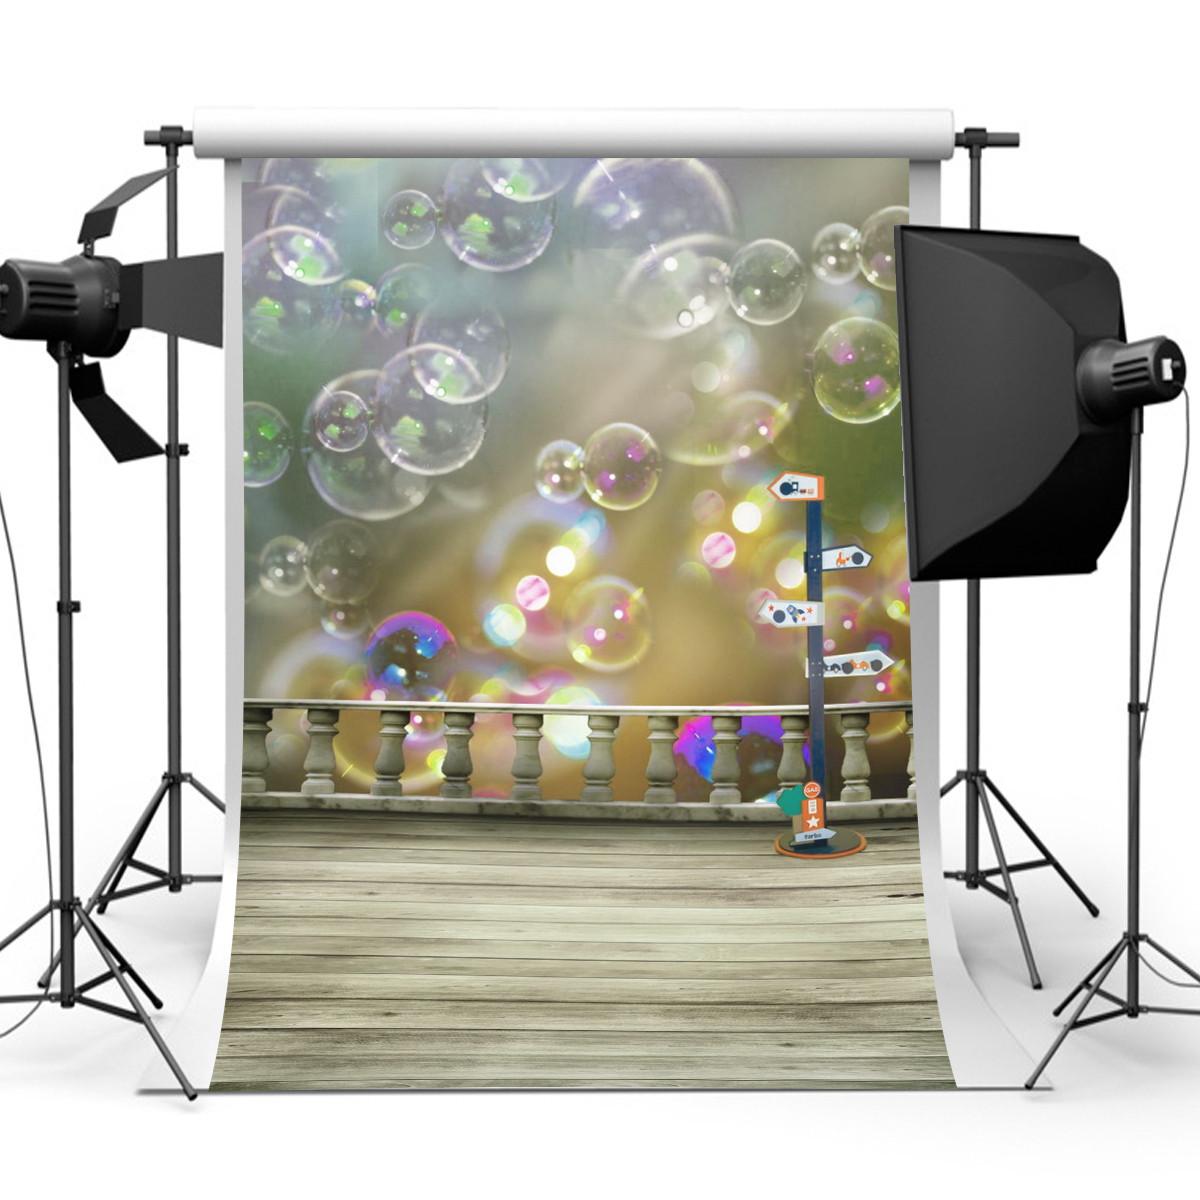 Szövet háttér fotózáshoz.Buborékos stúdió háttér 90cm x 150cm 1121244